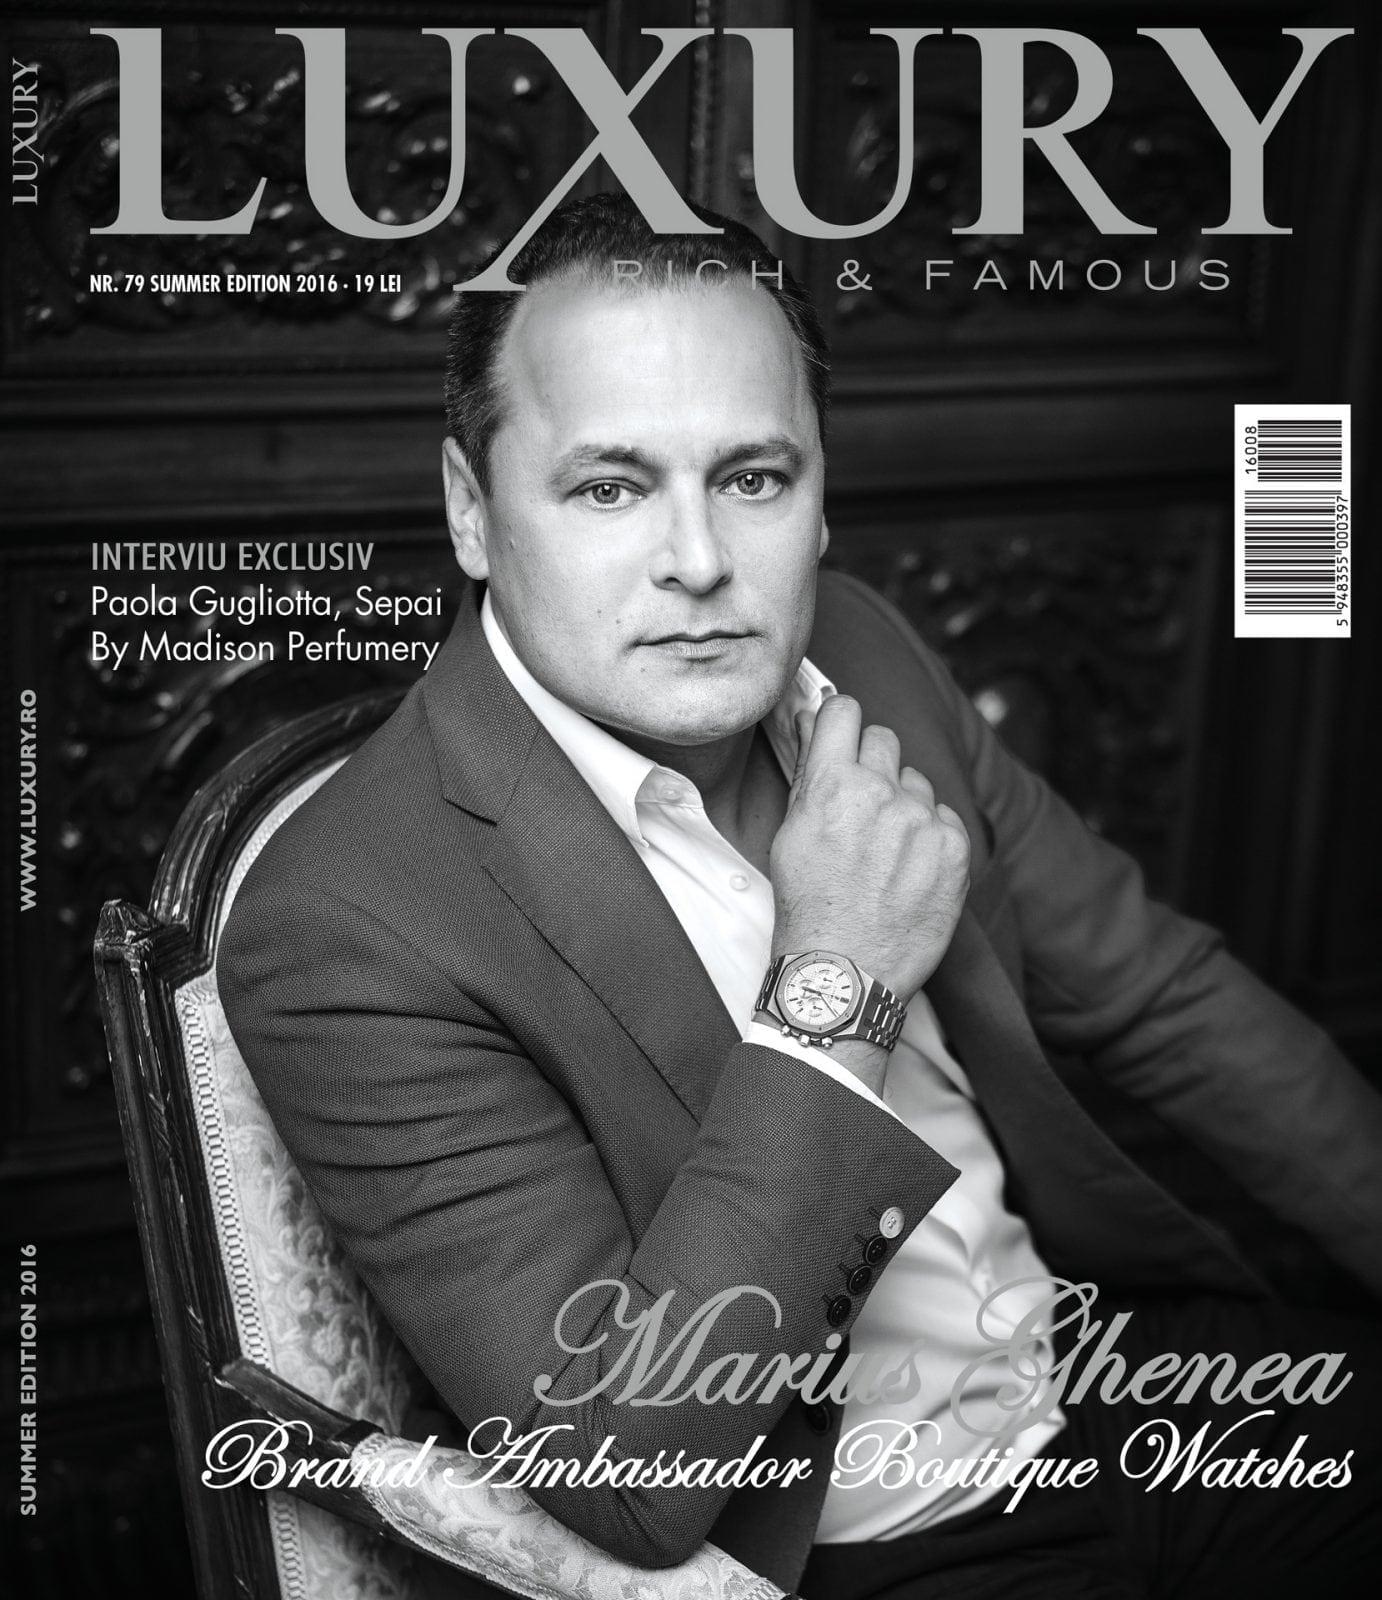 Coperta Luxury 79 fin RGB - LUXURY Nr. 79 | Summer edition 2016